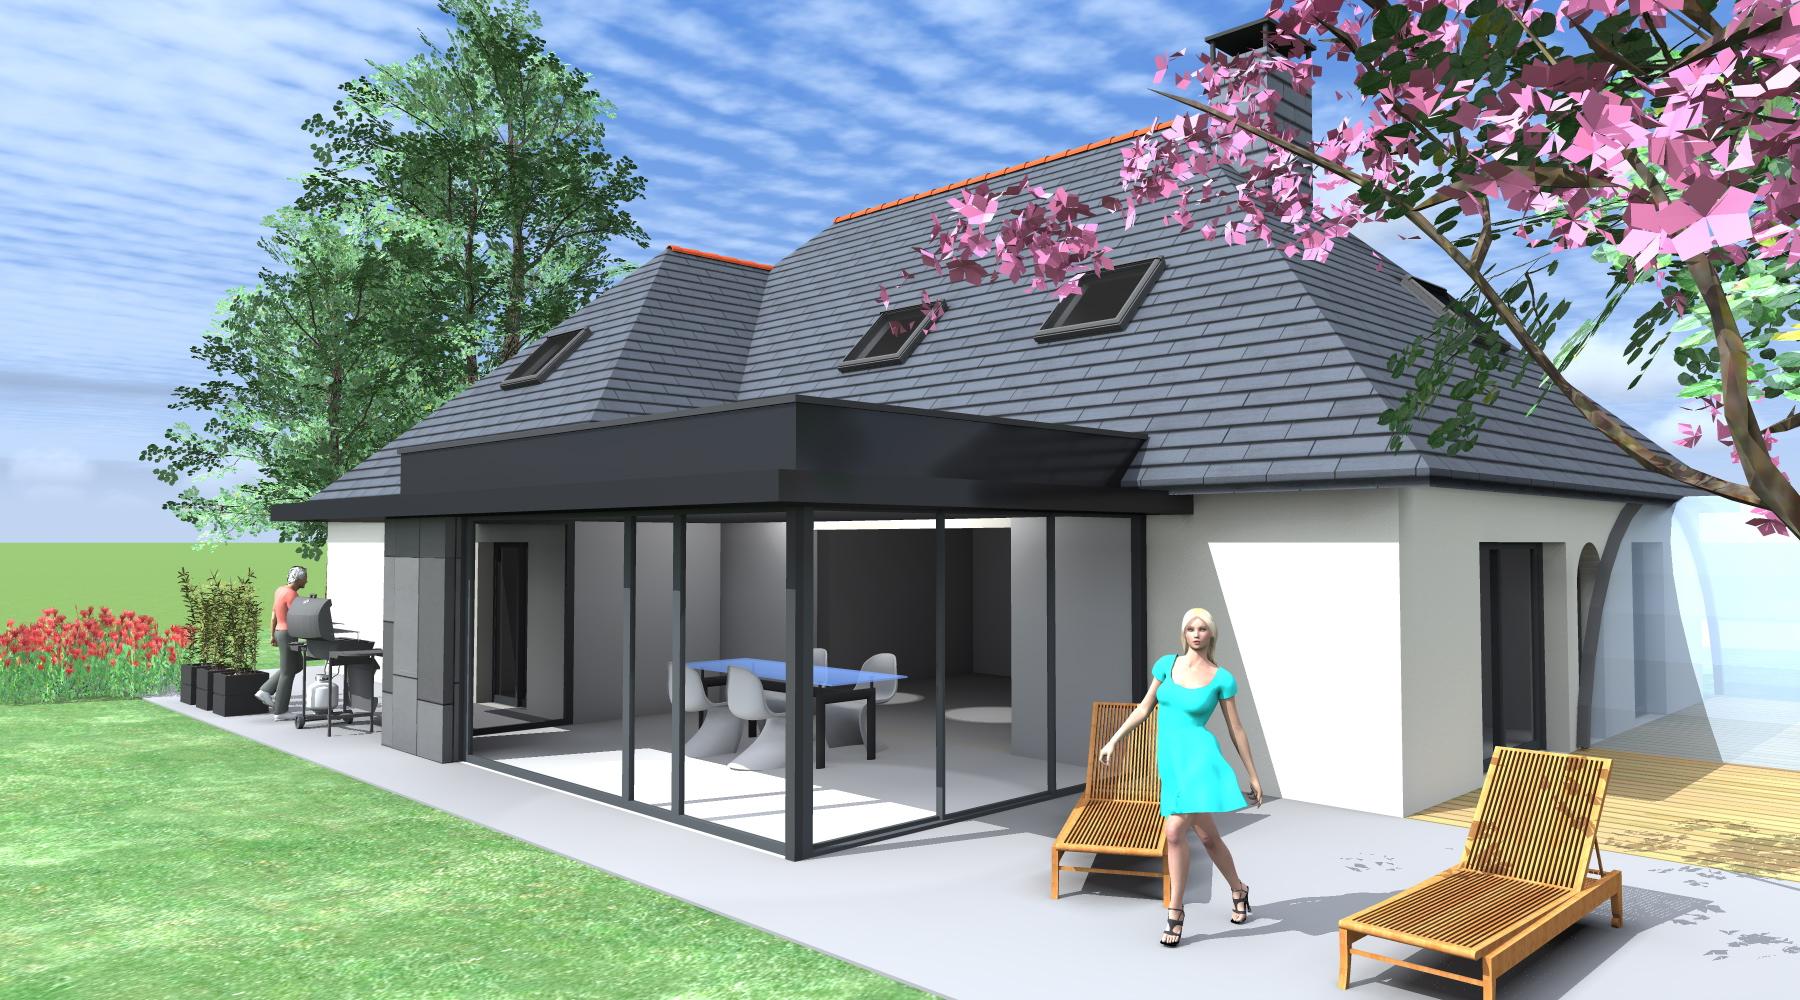 Extension maison 1 2 vue architecte lise roturier rennes 35000 - Agrandissement maison veranda ...